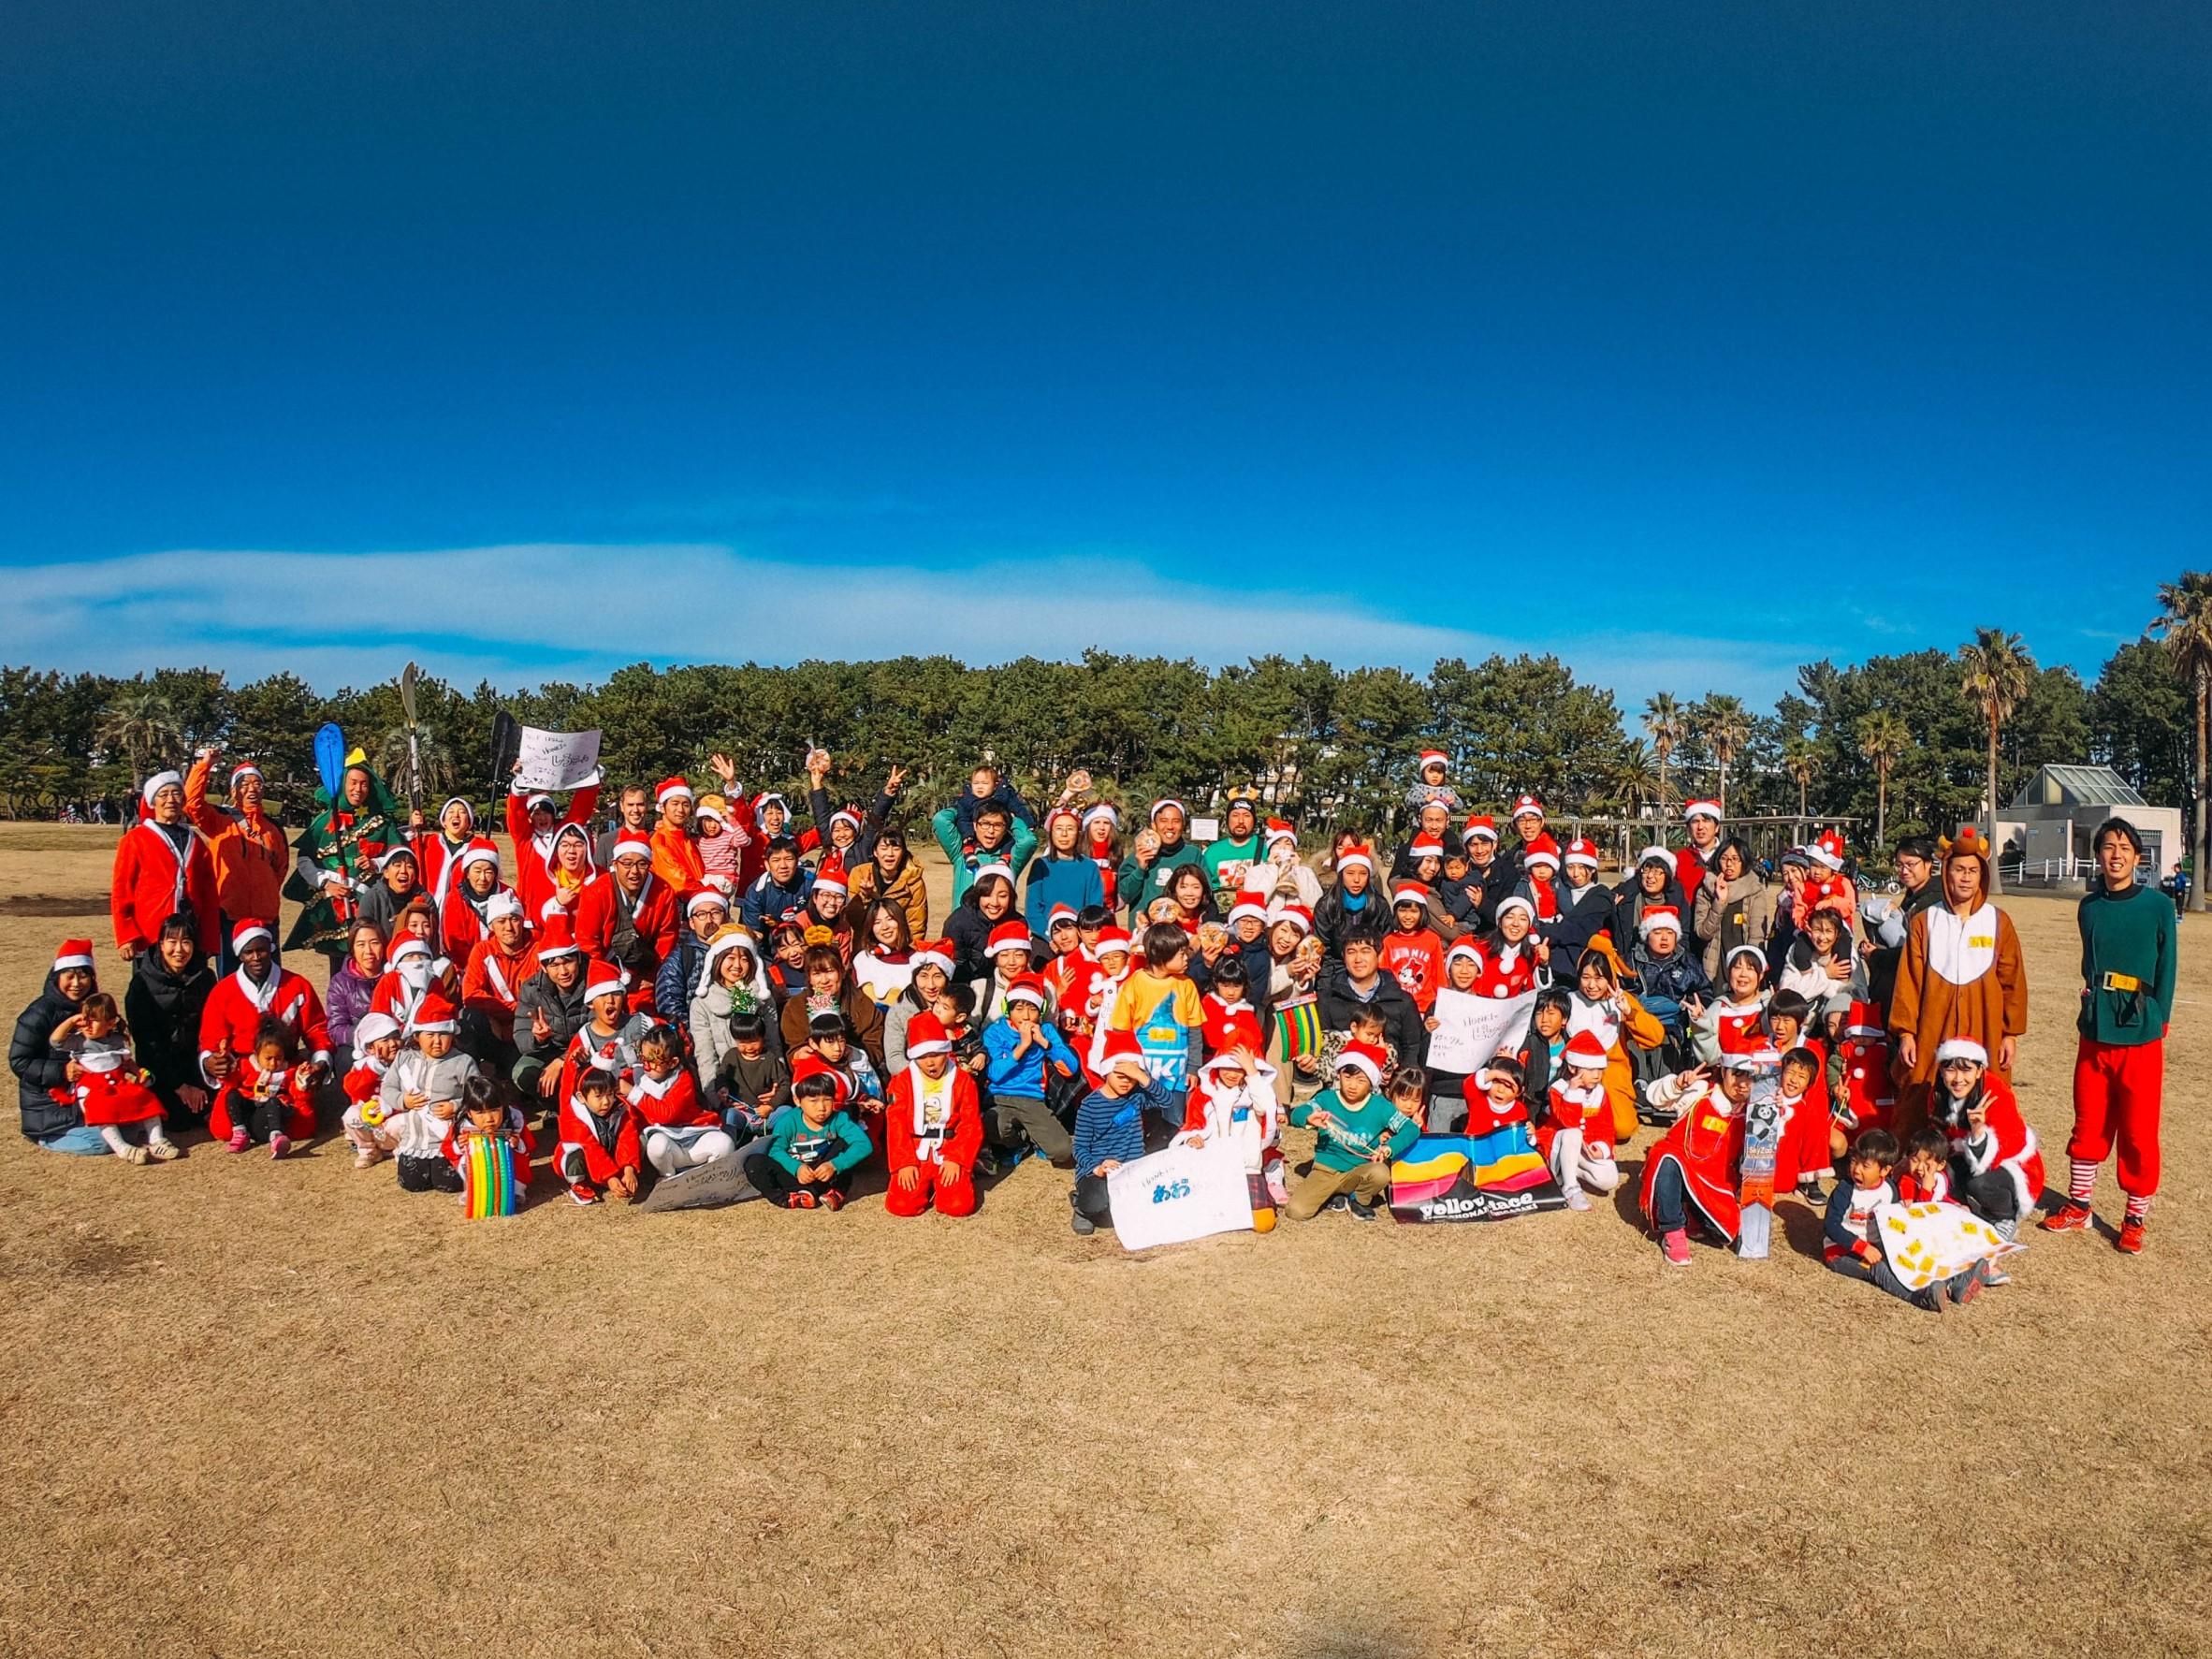 サンタクロース運動会2019を開催しました!!